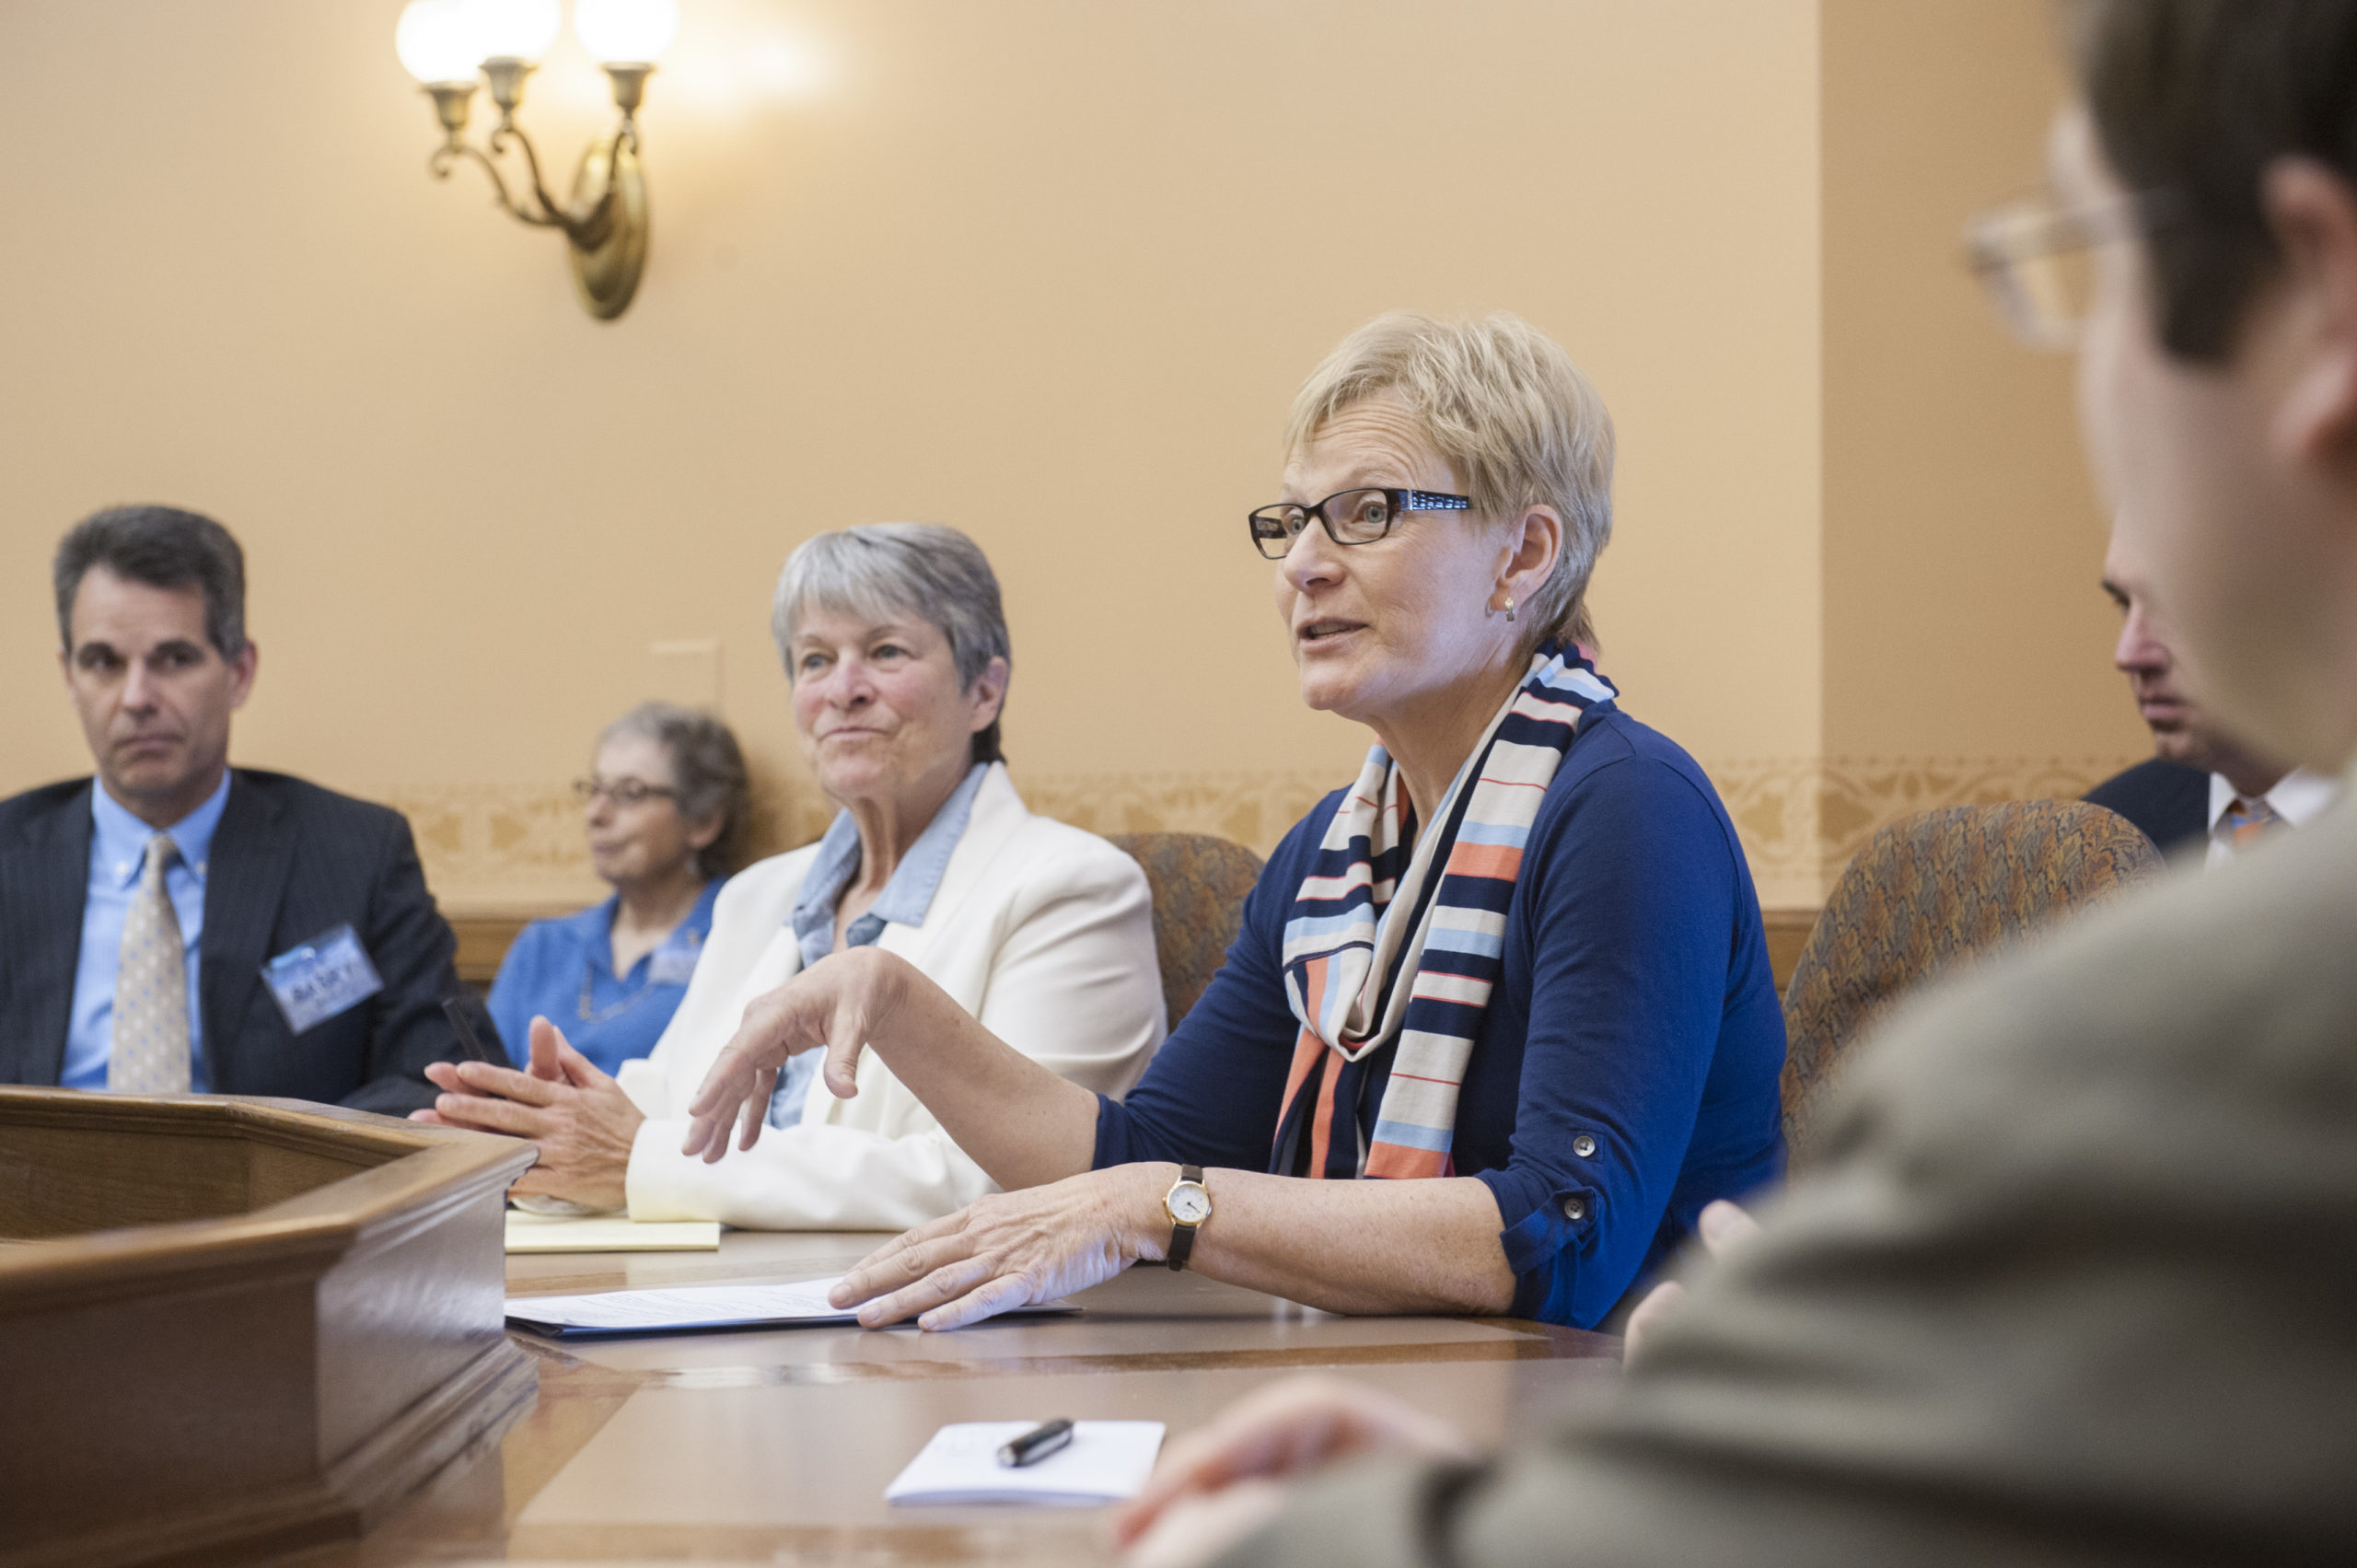 Kolste reflects on legislative work